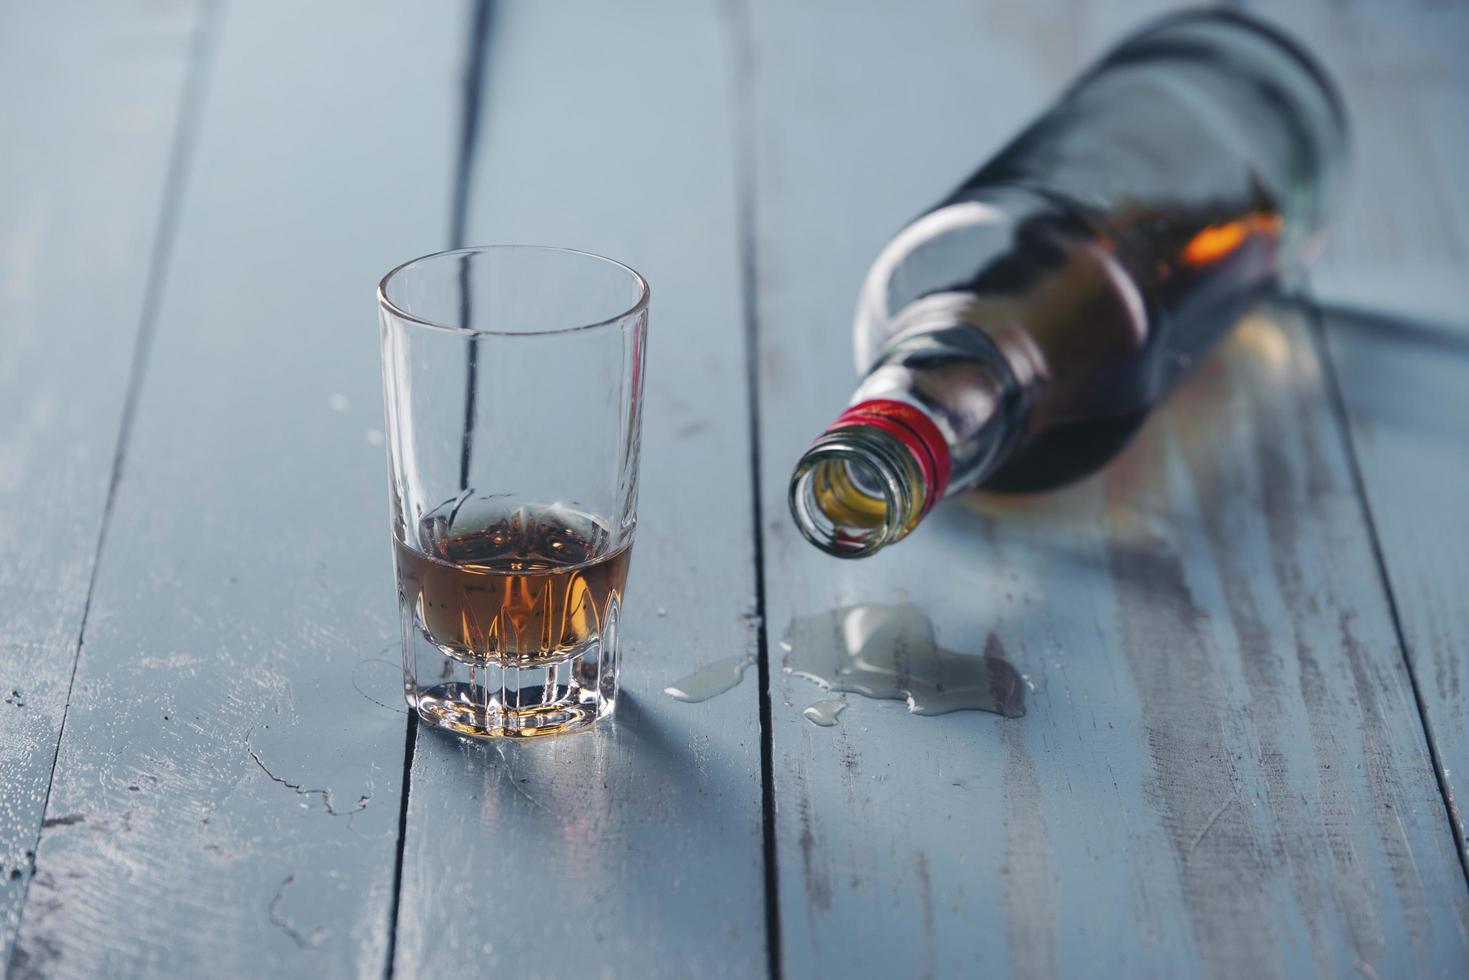 vaso y una botella de alcohol foto